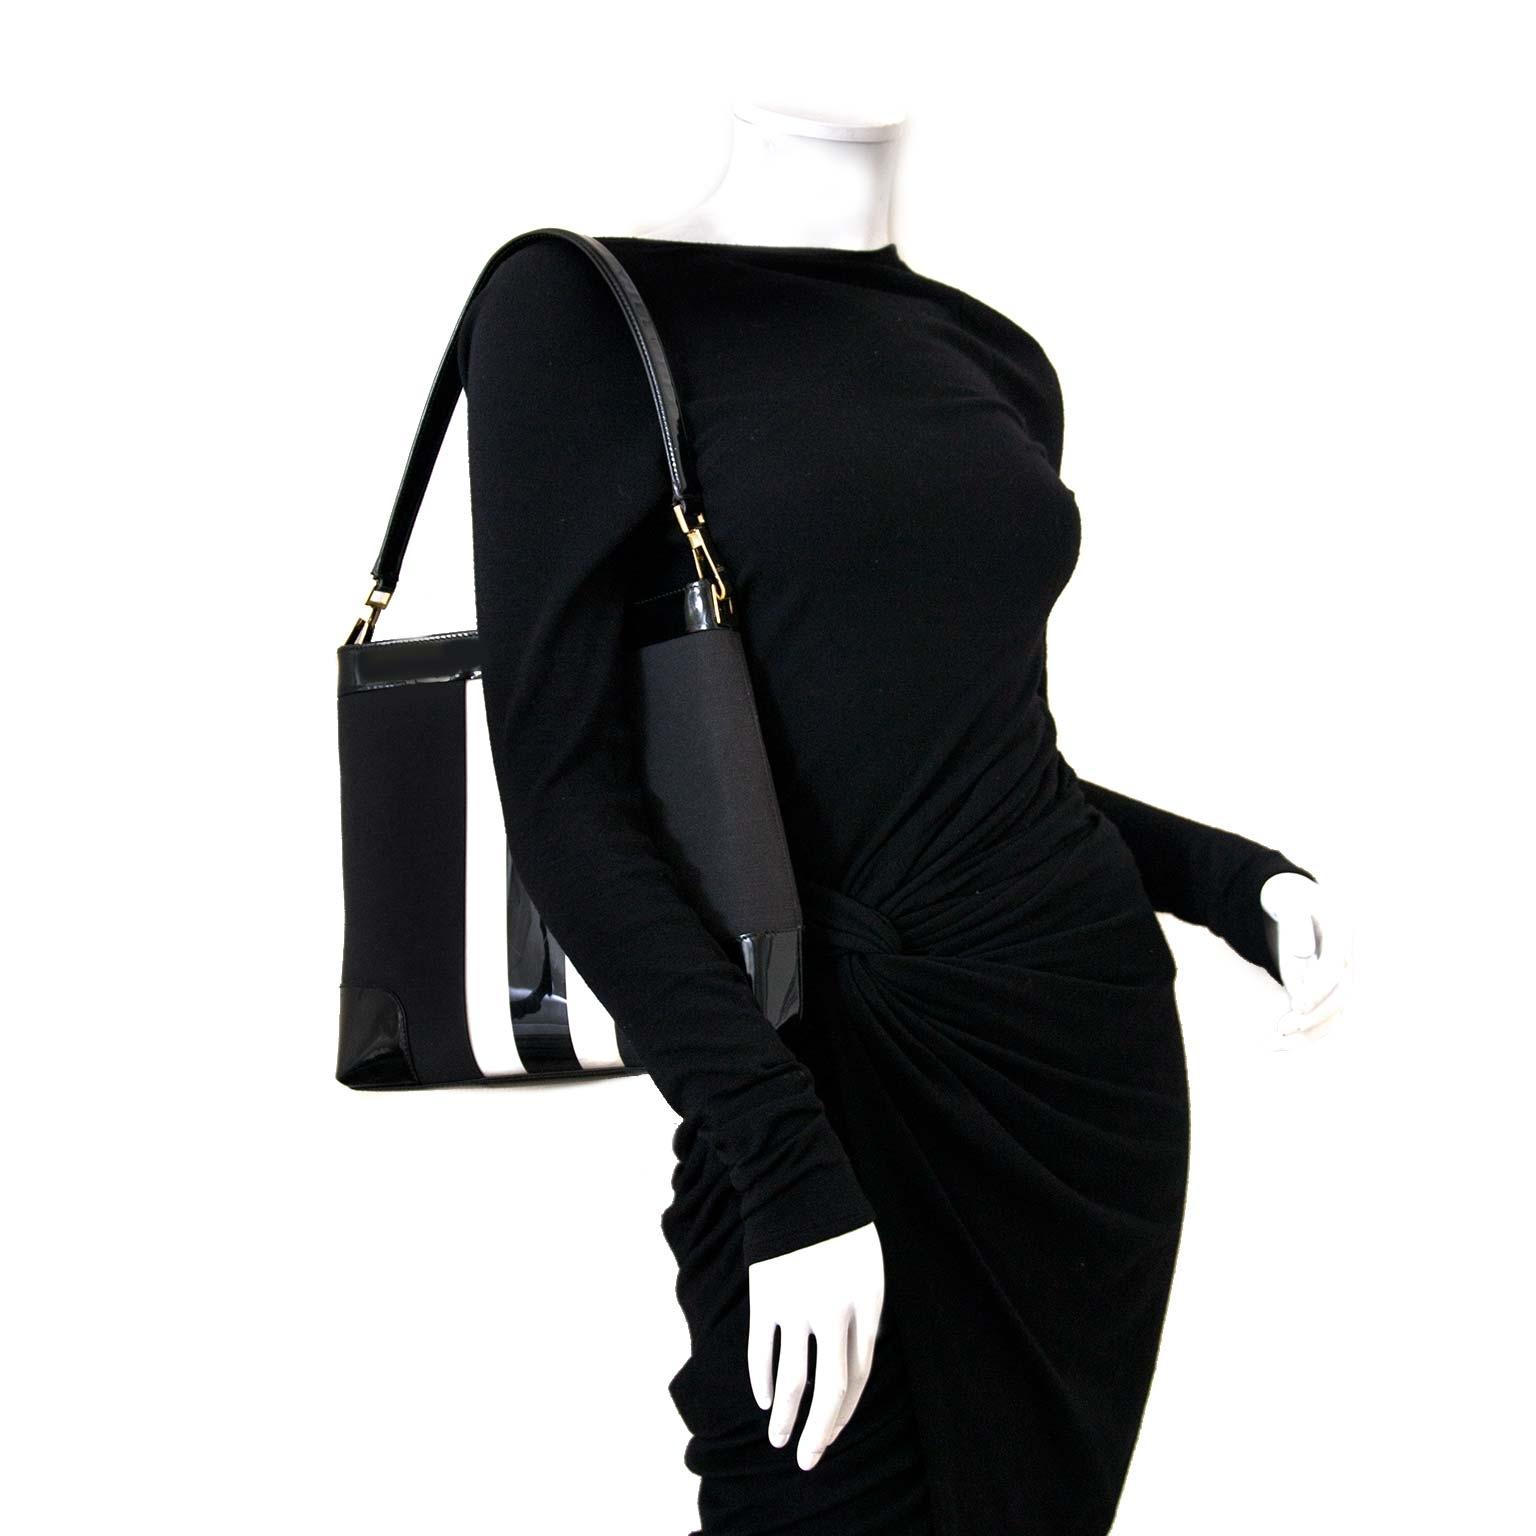 6e86800c37b4eb Gucci Signature Fabric Stripe Black Vinyl Shoulder Bag for sale online at  Labellov Bent u op zoek naar een authentieke designer handta van Gucci?